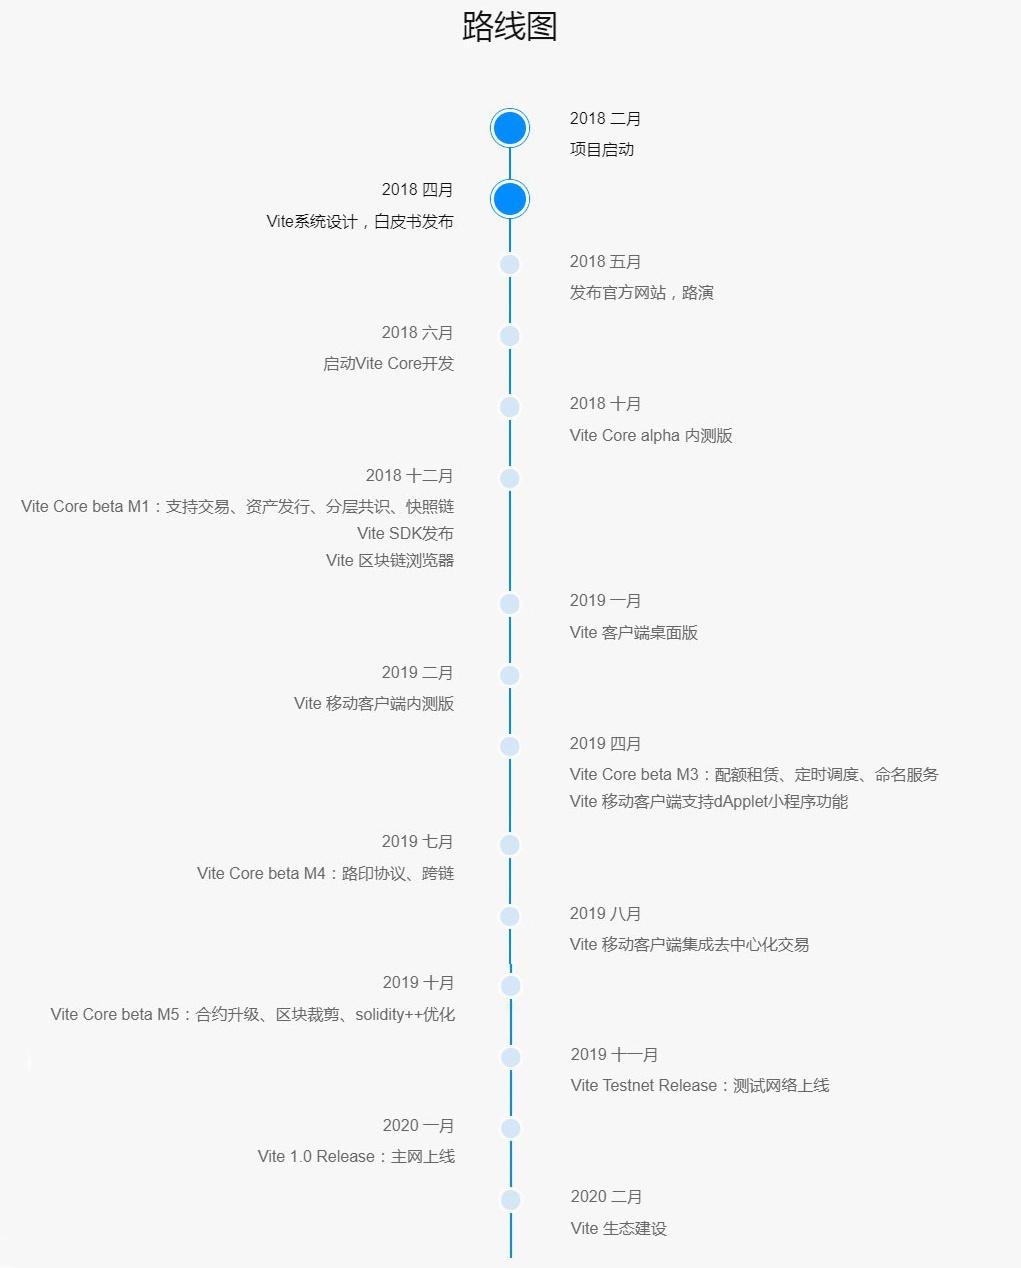 vite路线图